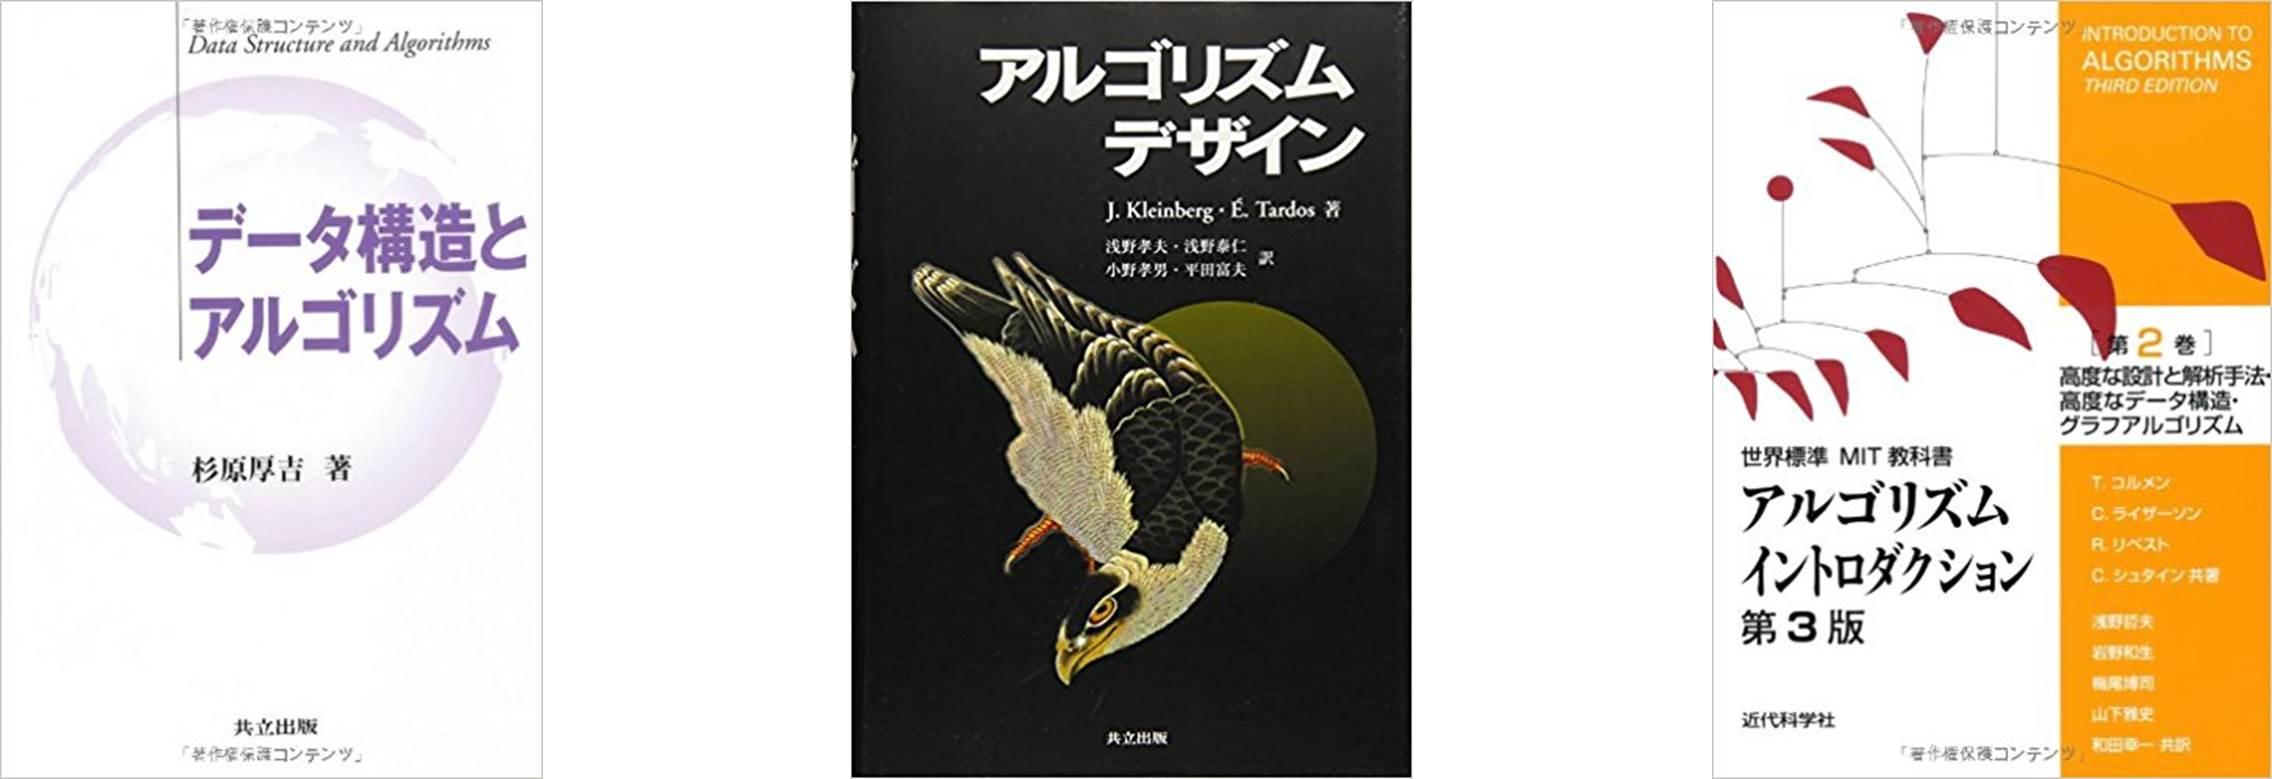 アルゴリズム参考書(しっかり).jpg